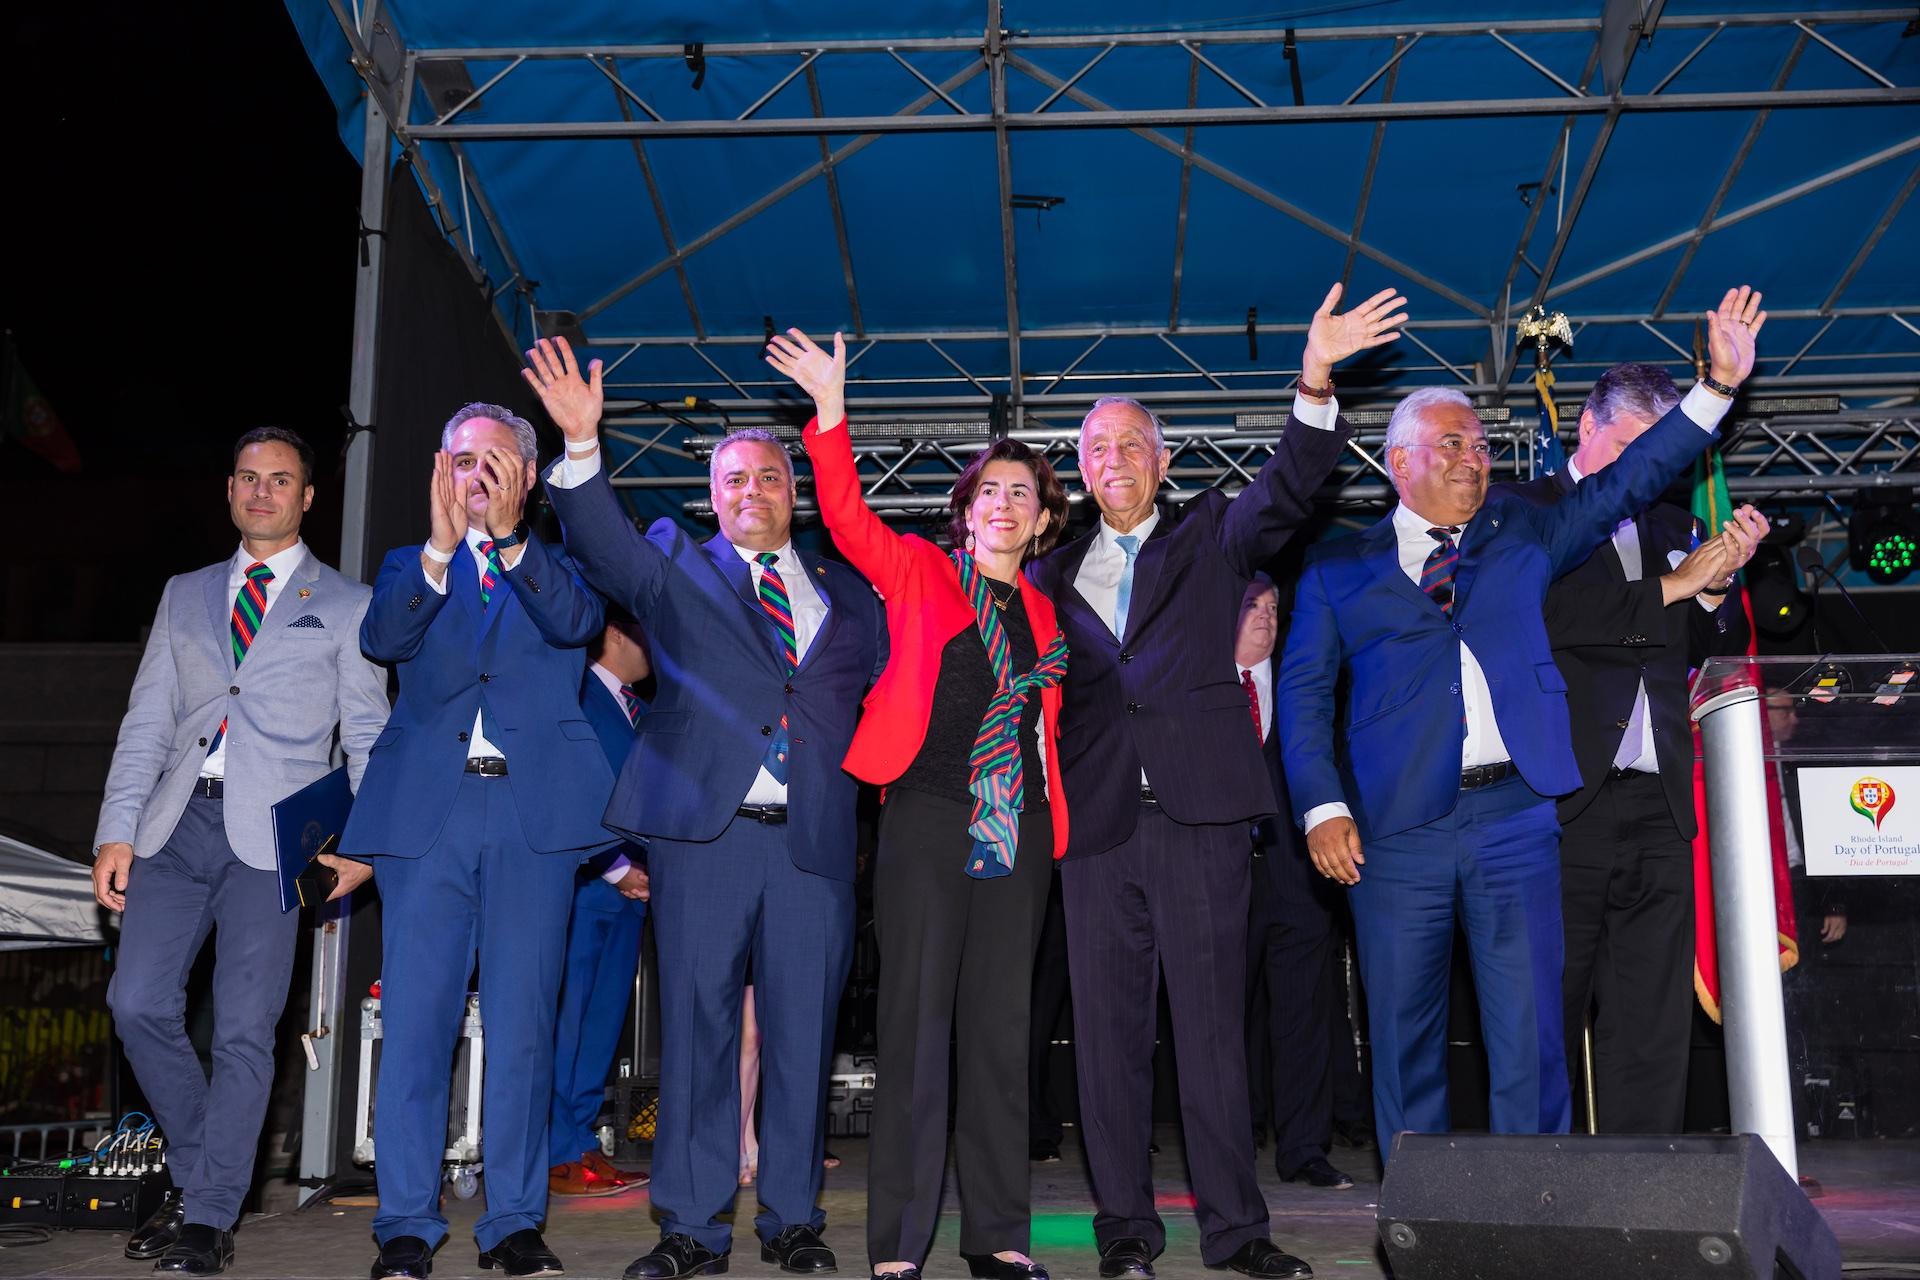 rhode-island-governor-gina-raimondo-the-portuguese-president-marcelo-rebelo-de-sousa-and-the-prime-m